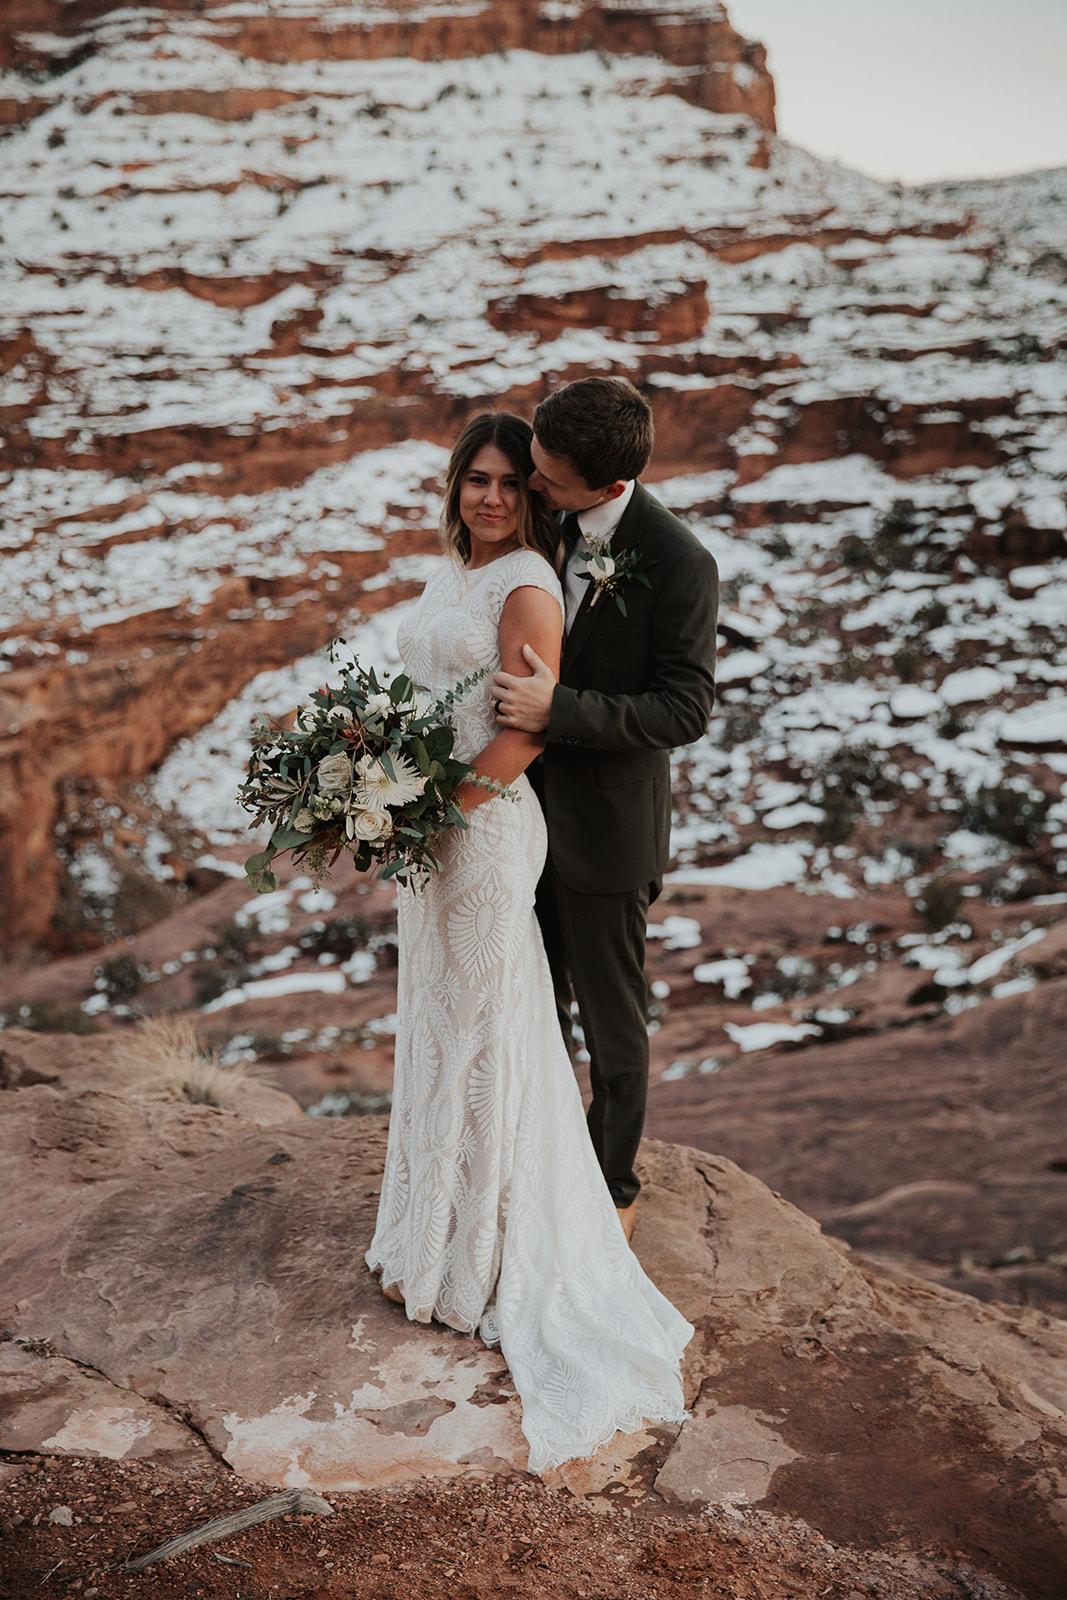 jamie+weston bridals-226.jpg